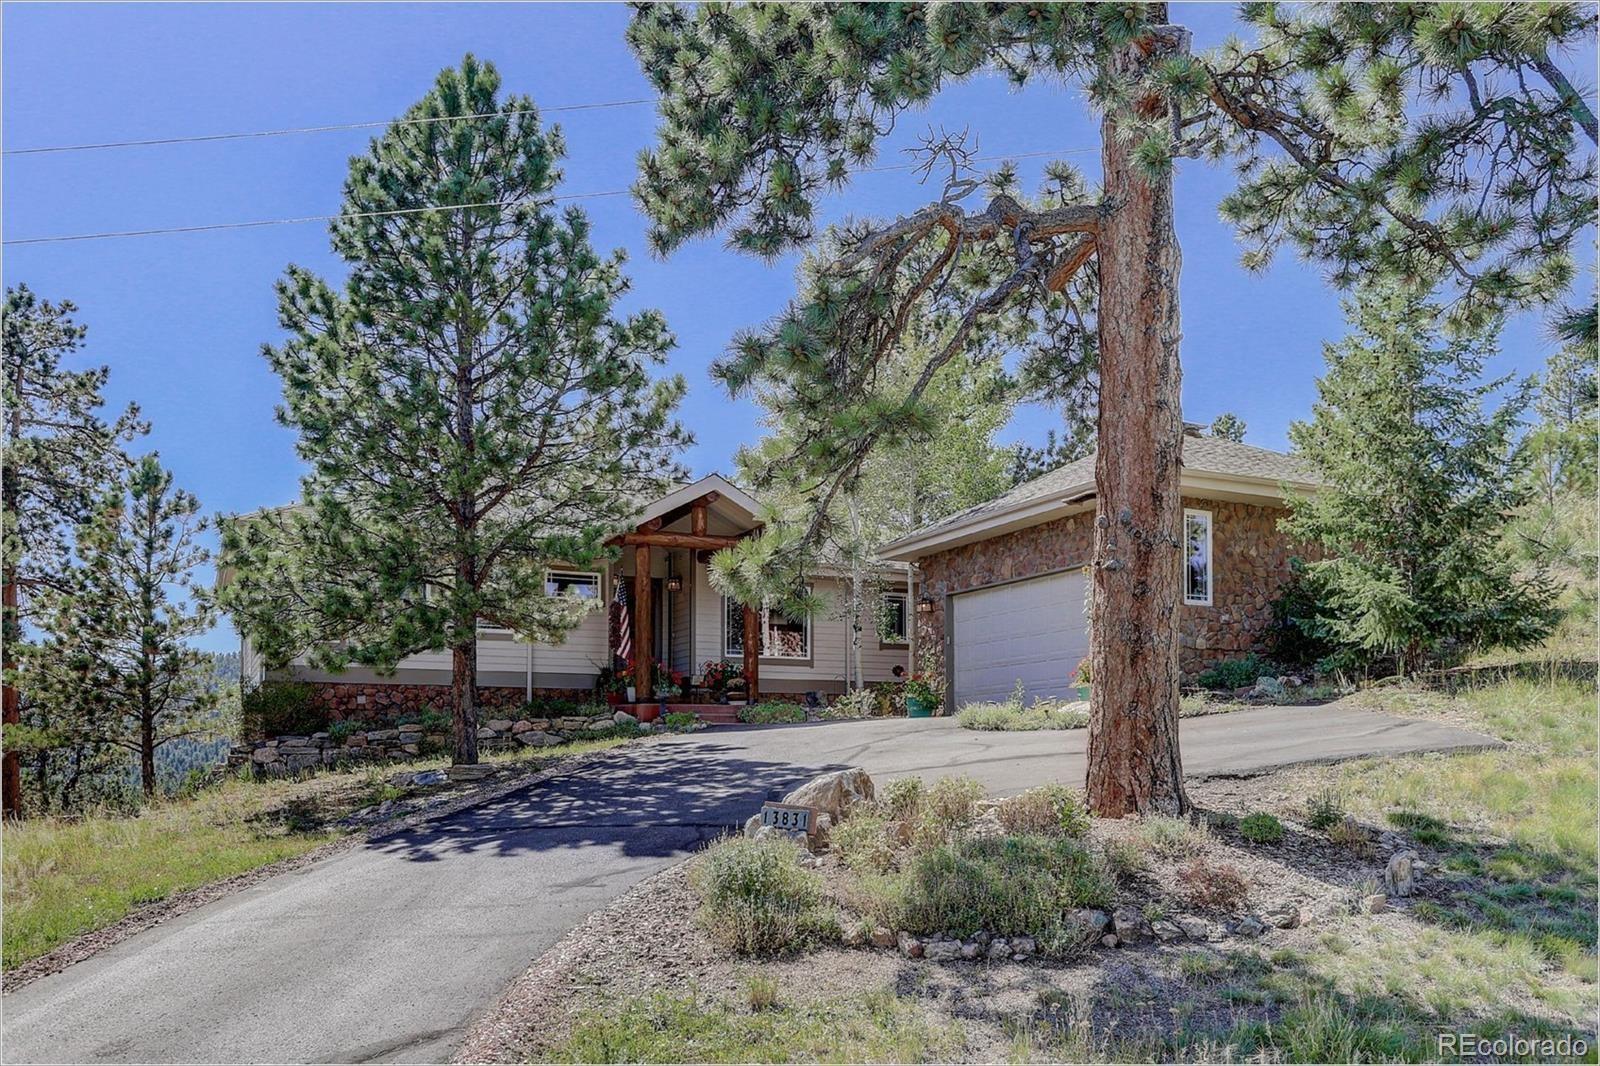 MLS# 7982246 - 4 - 13831 Douglas Ranch Drive, Pine, CO 80470